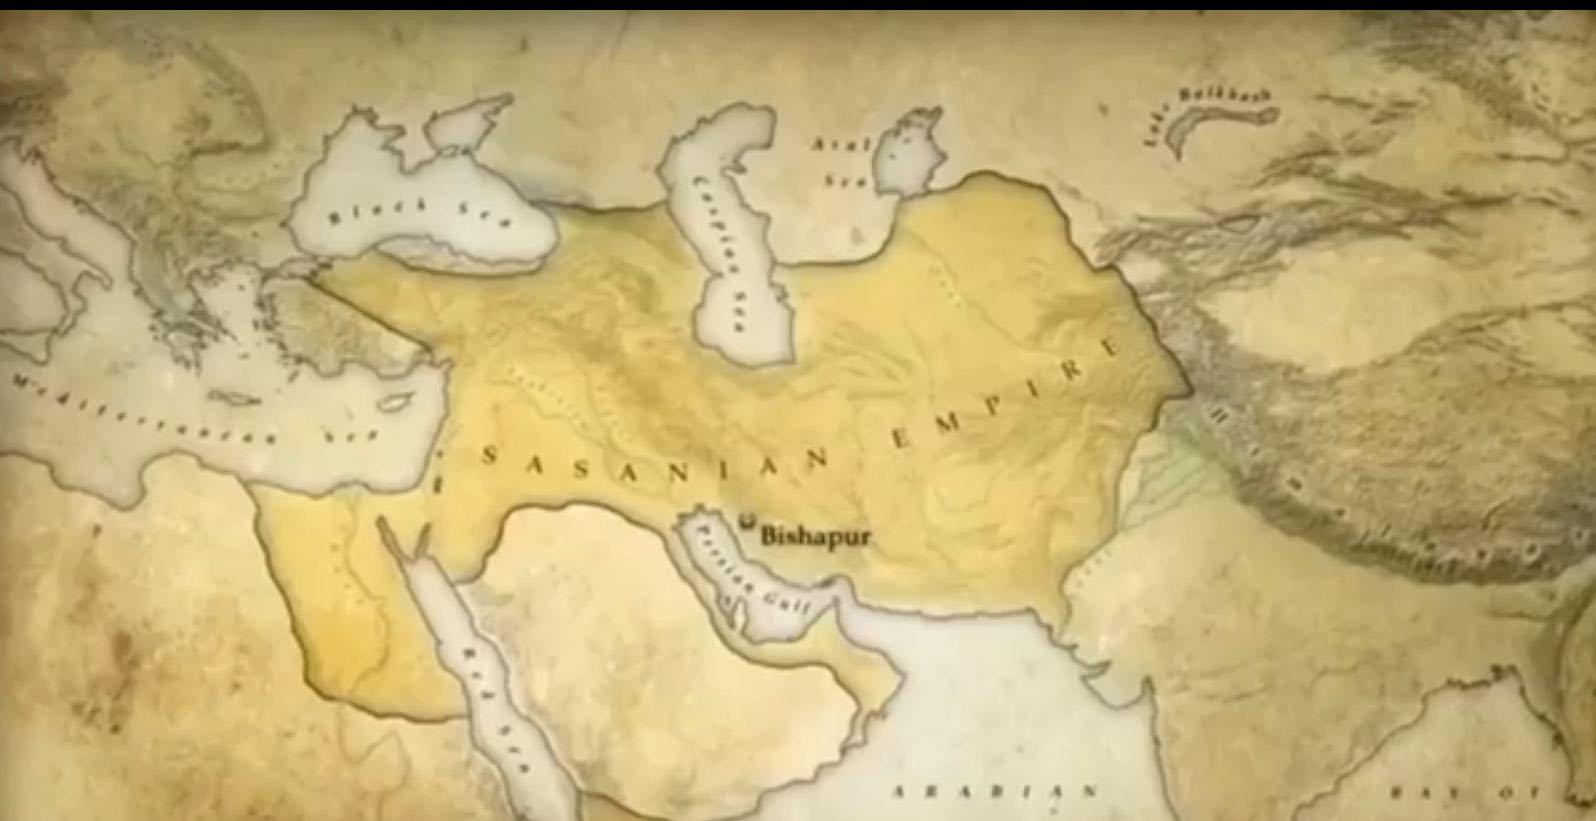 02:43 / 05:53 مستند دیوار بزرگ گرگان پخش از شبکه BBC